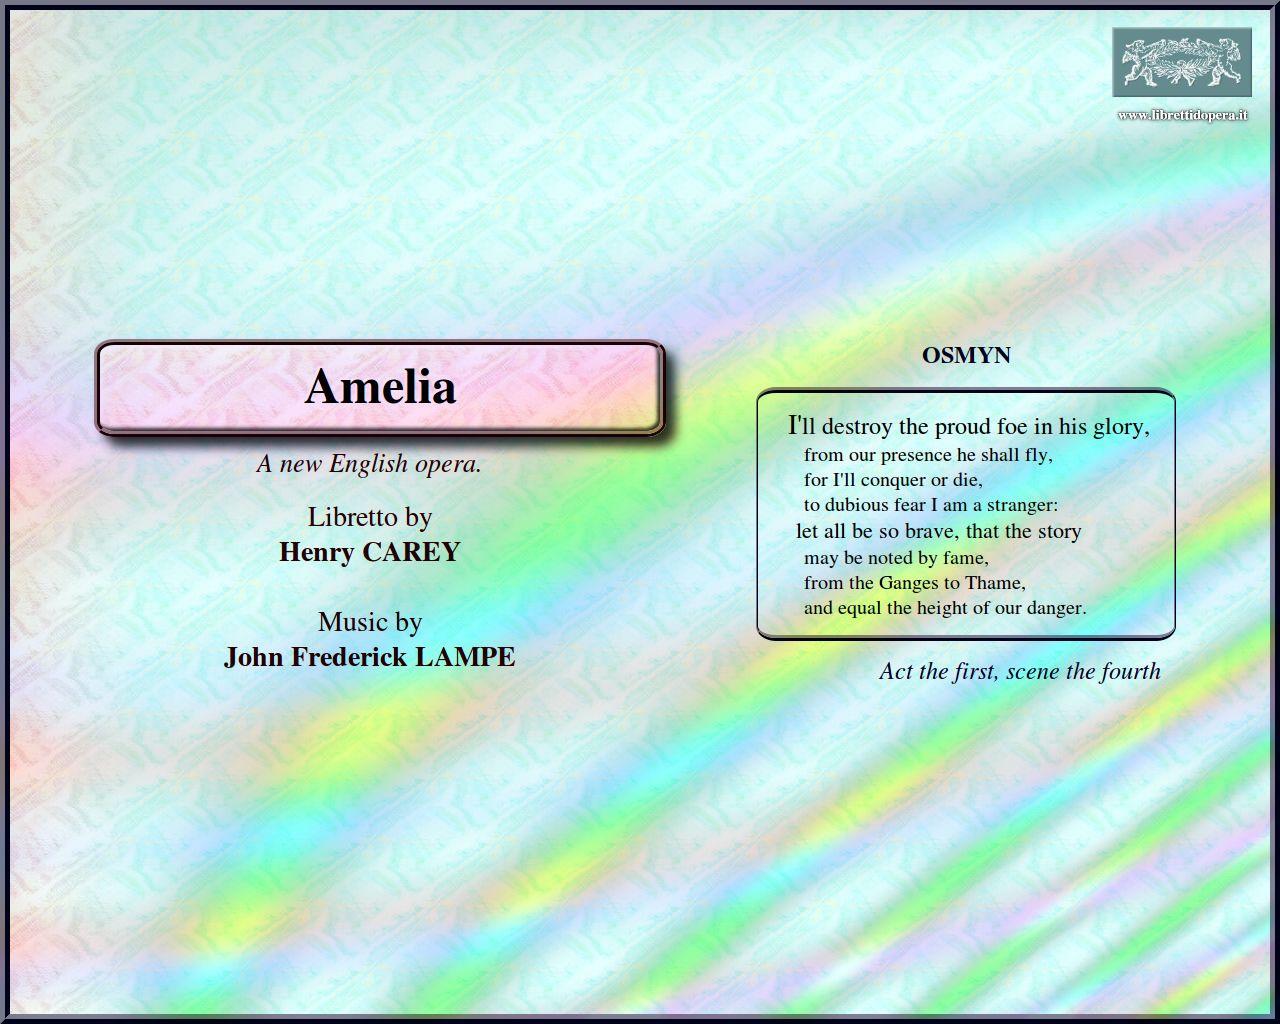 Amelia (1732) - Image for desktop background